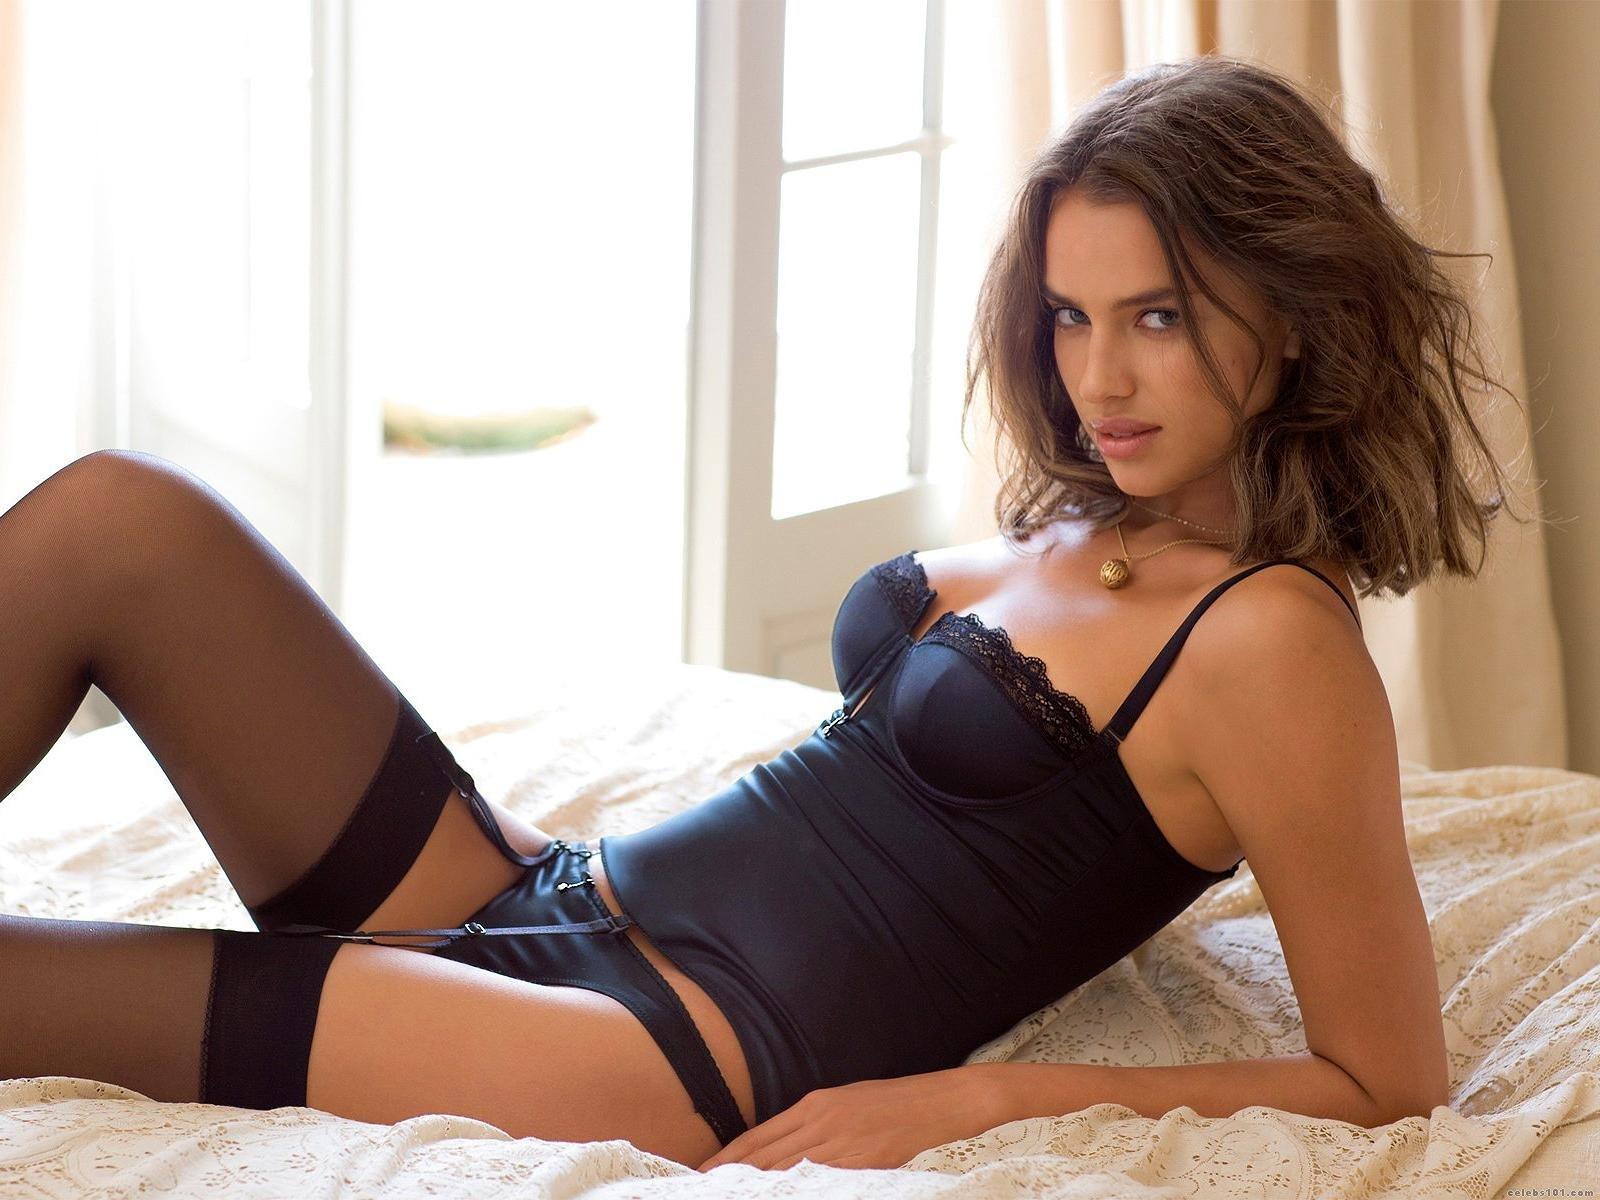 Смотреть порно красивых девочек бесплатно онлайн, 18-летняя девственница смотреть онлайн бесплатно 13 фотография